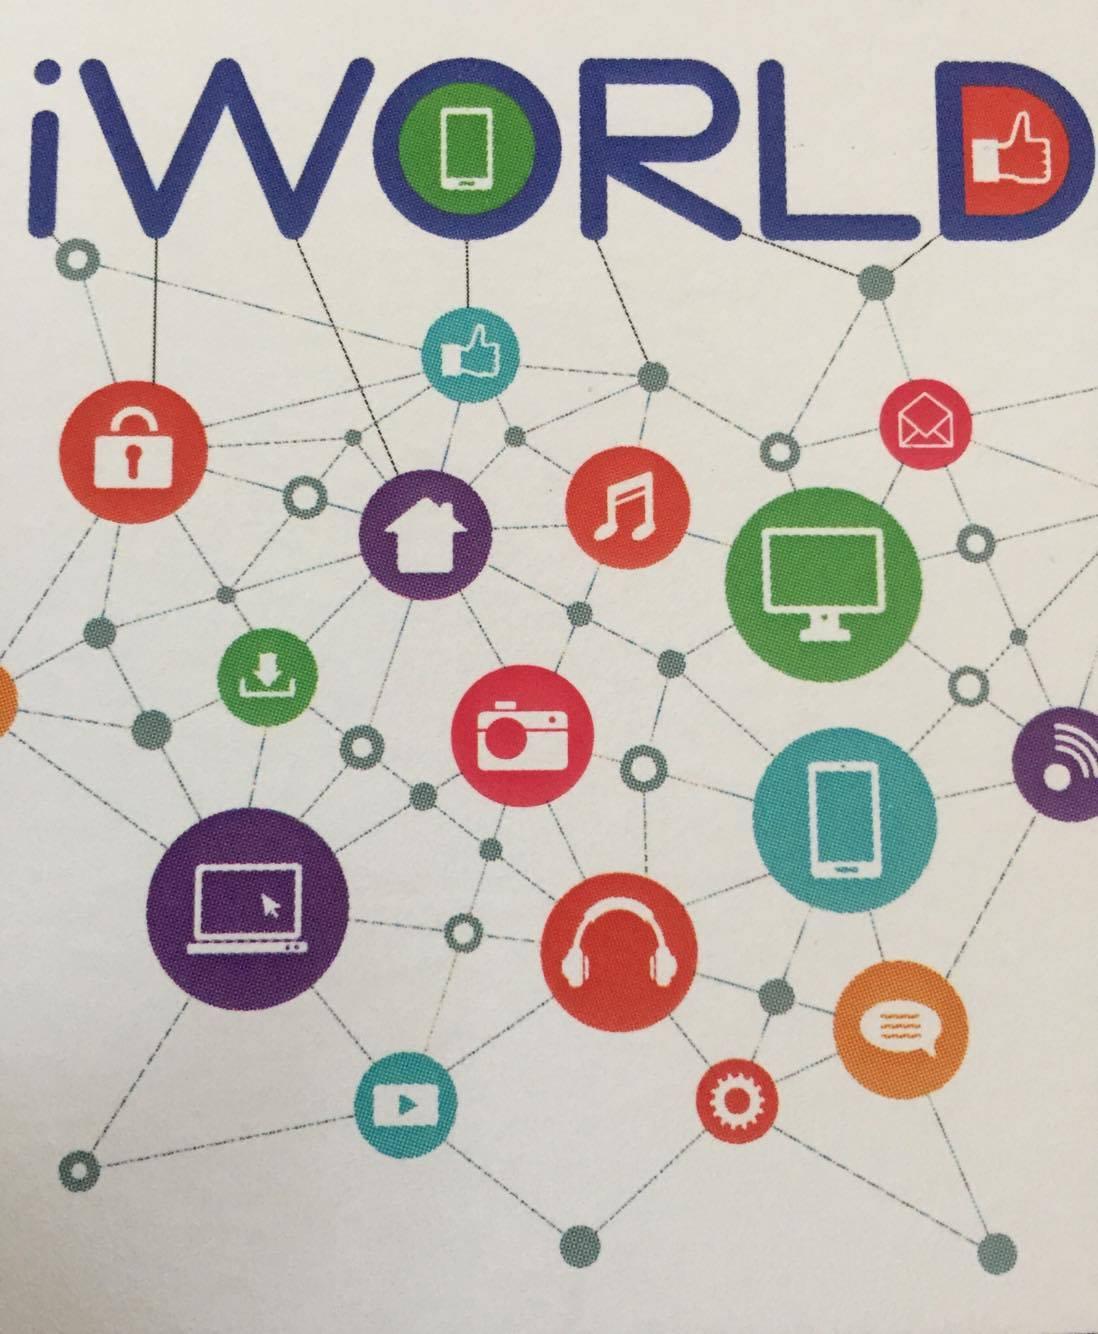 Wednesday - at iWorld